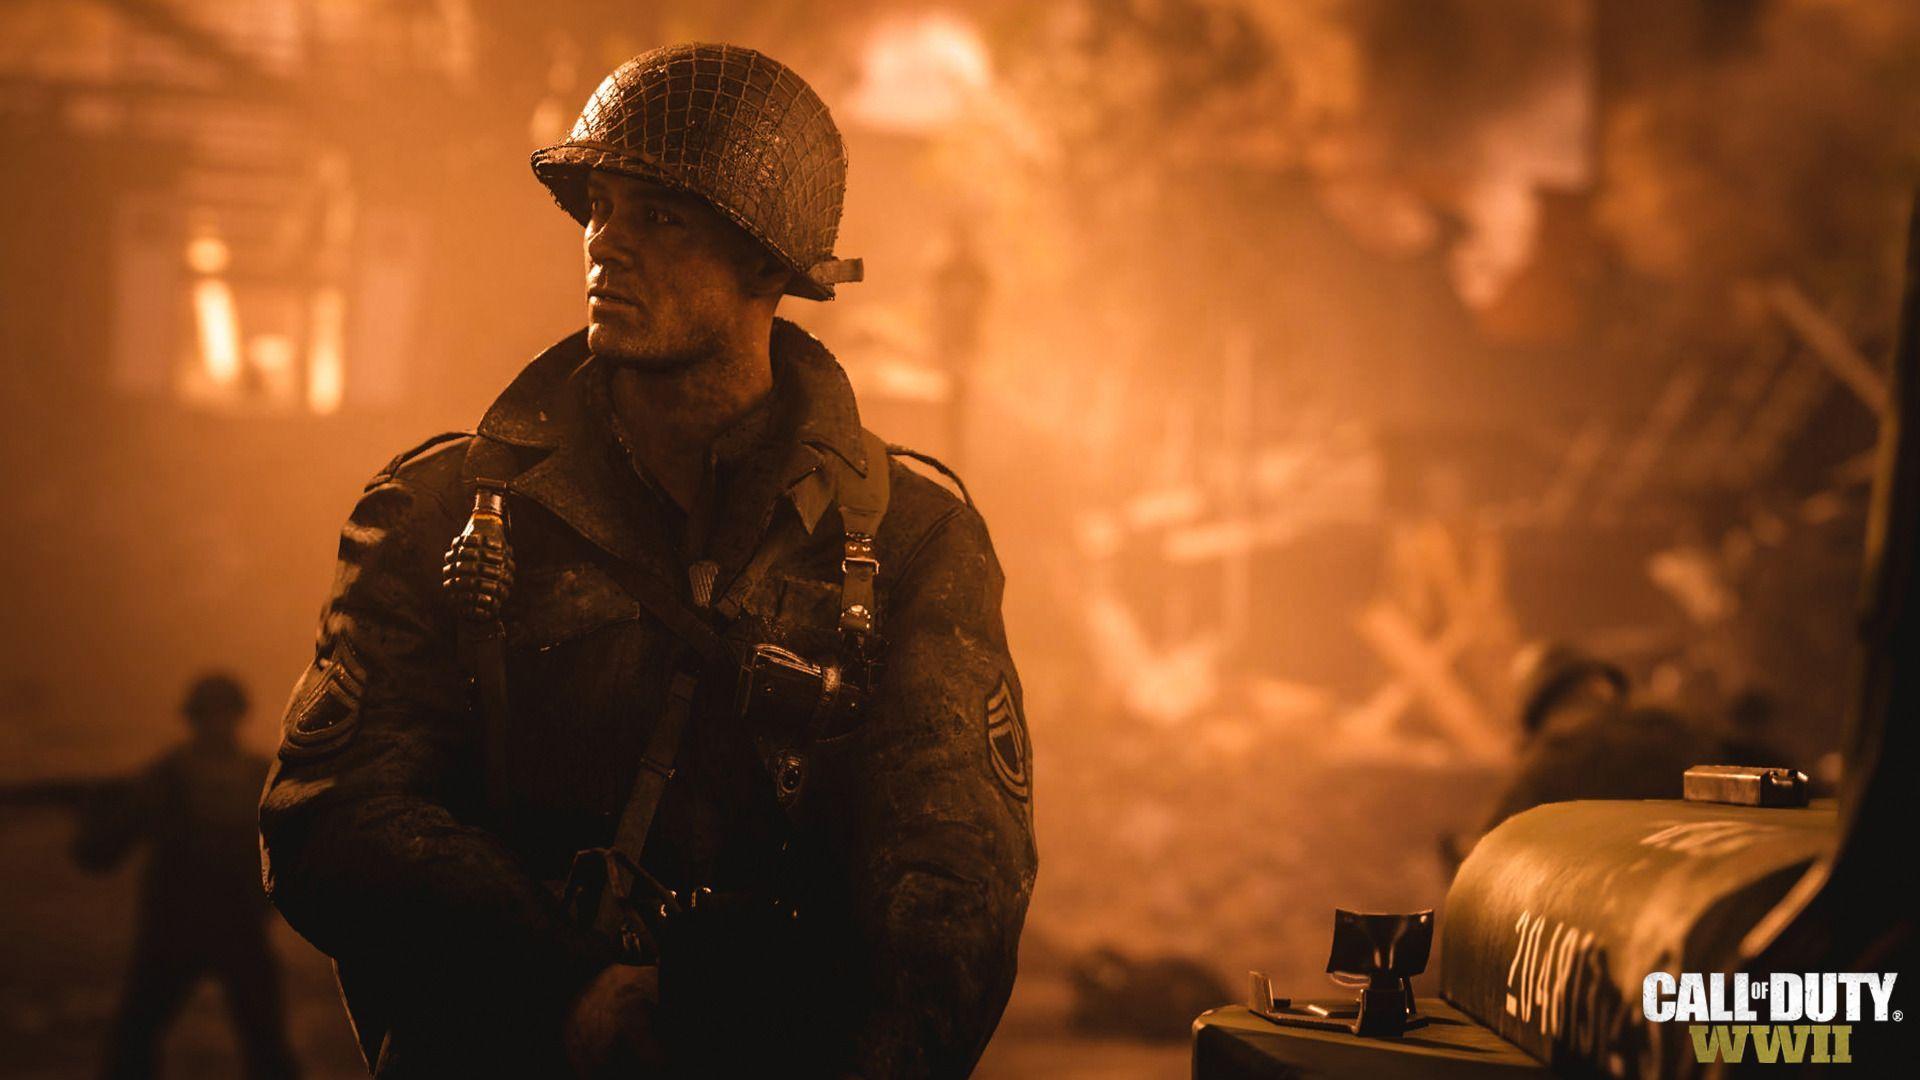 Call of Duty: ritorno al passato, ritorno alla Seconda Guerra Mondiale